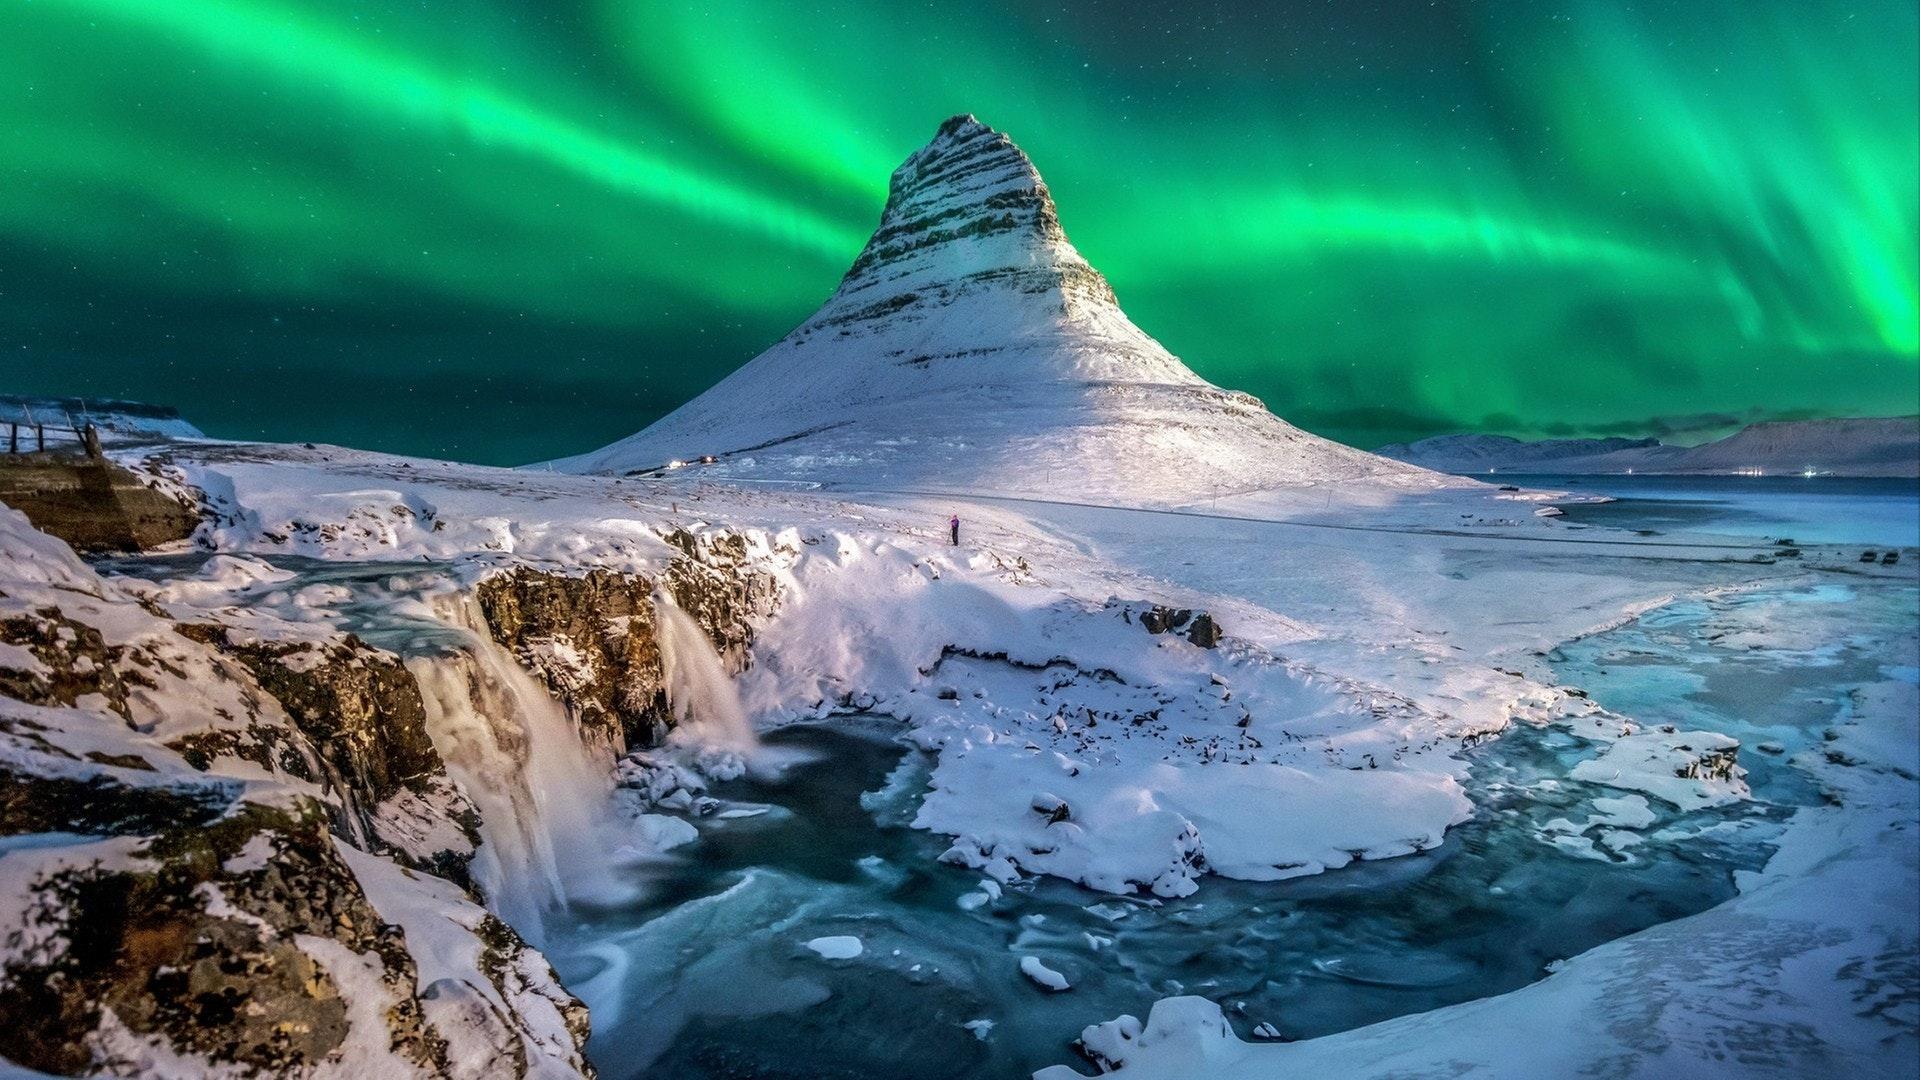 aurores boréales apparaissent au-dessus du mont Kirkjufell en Islande.